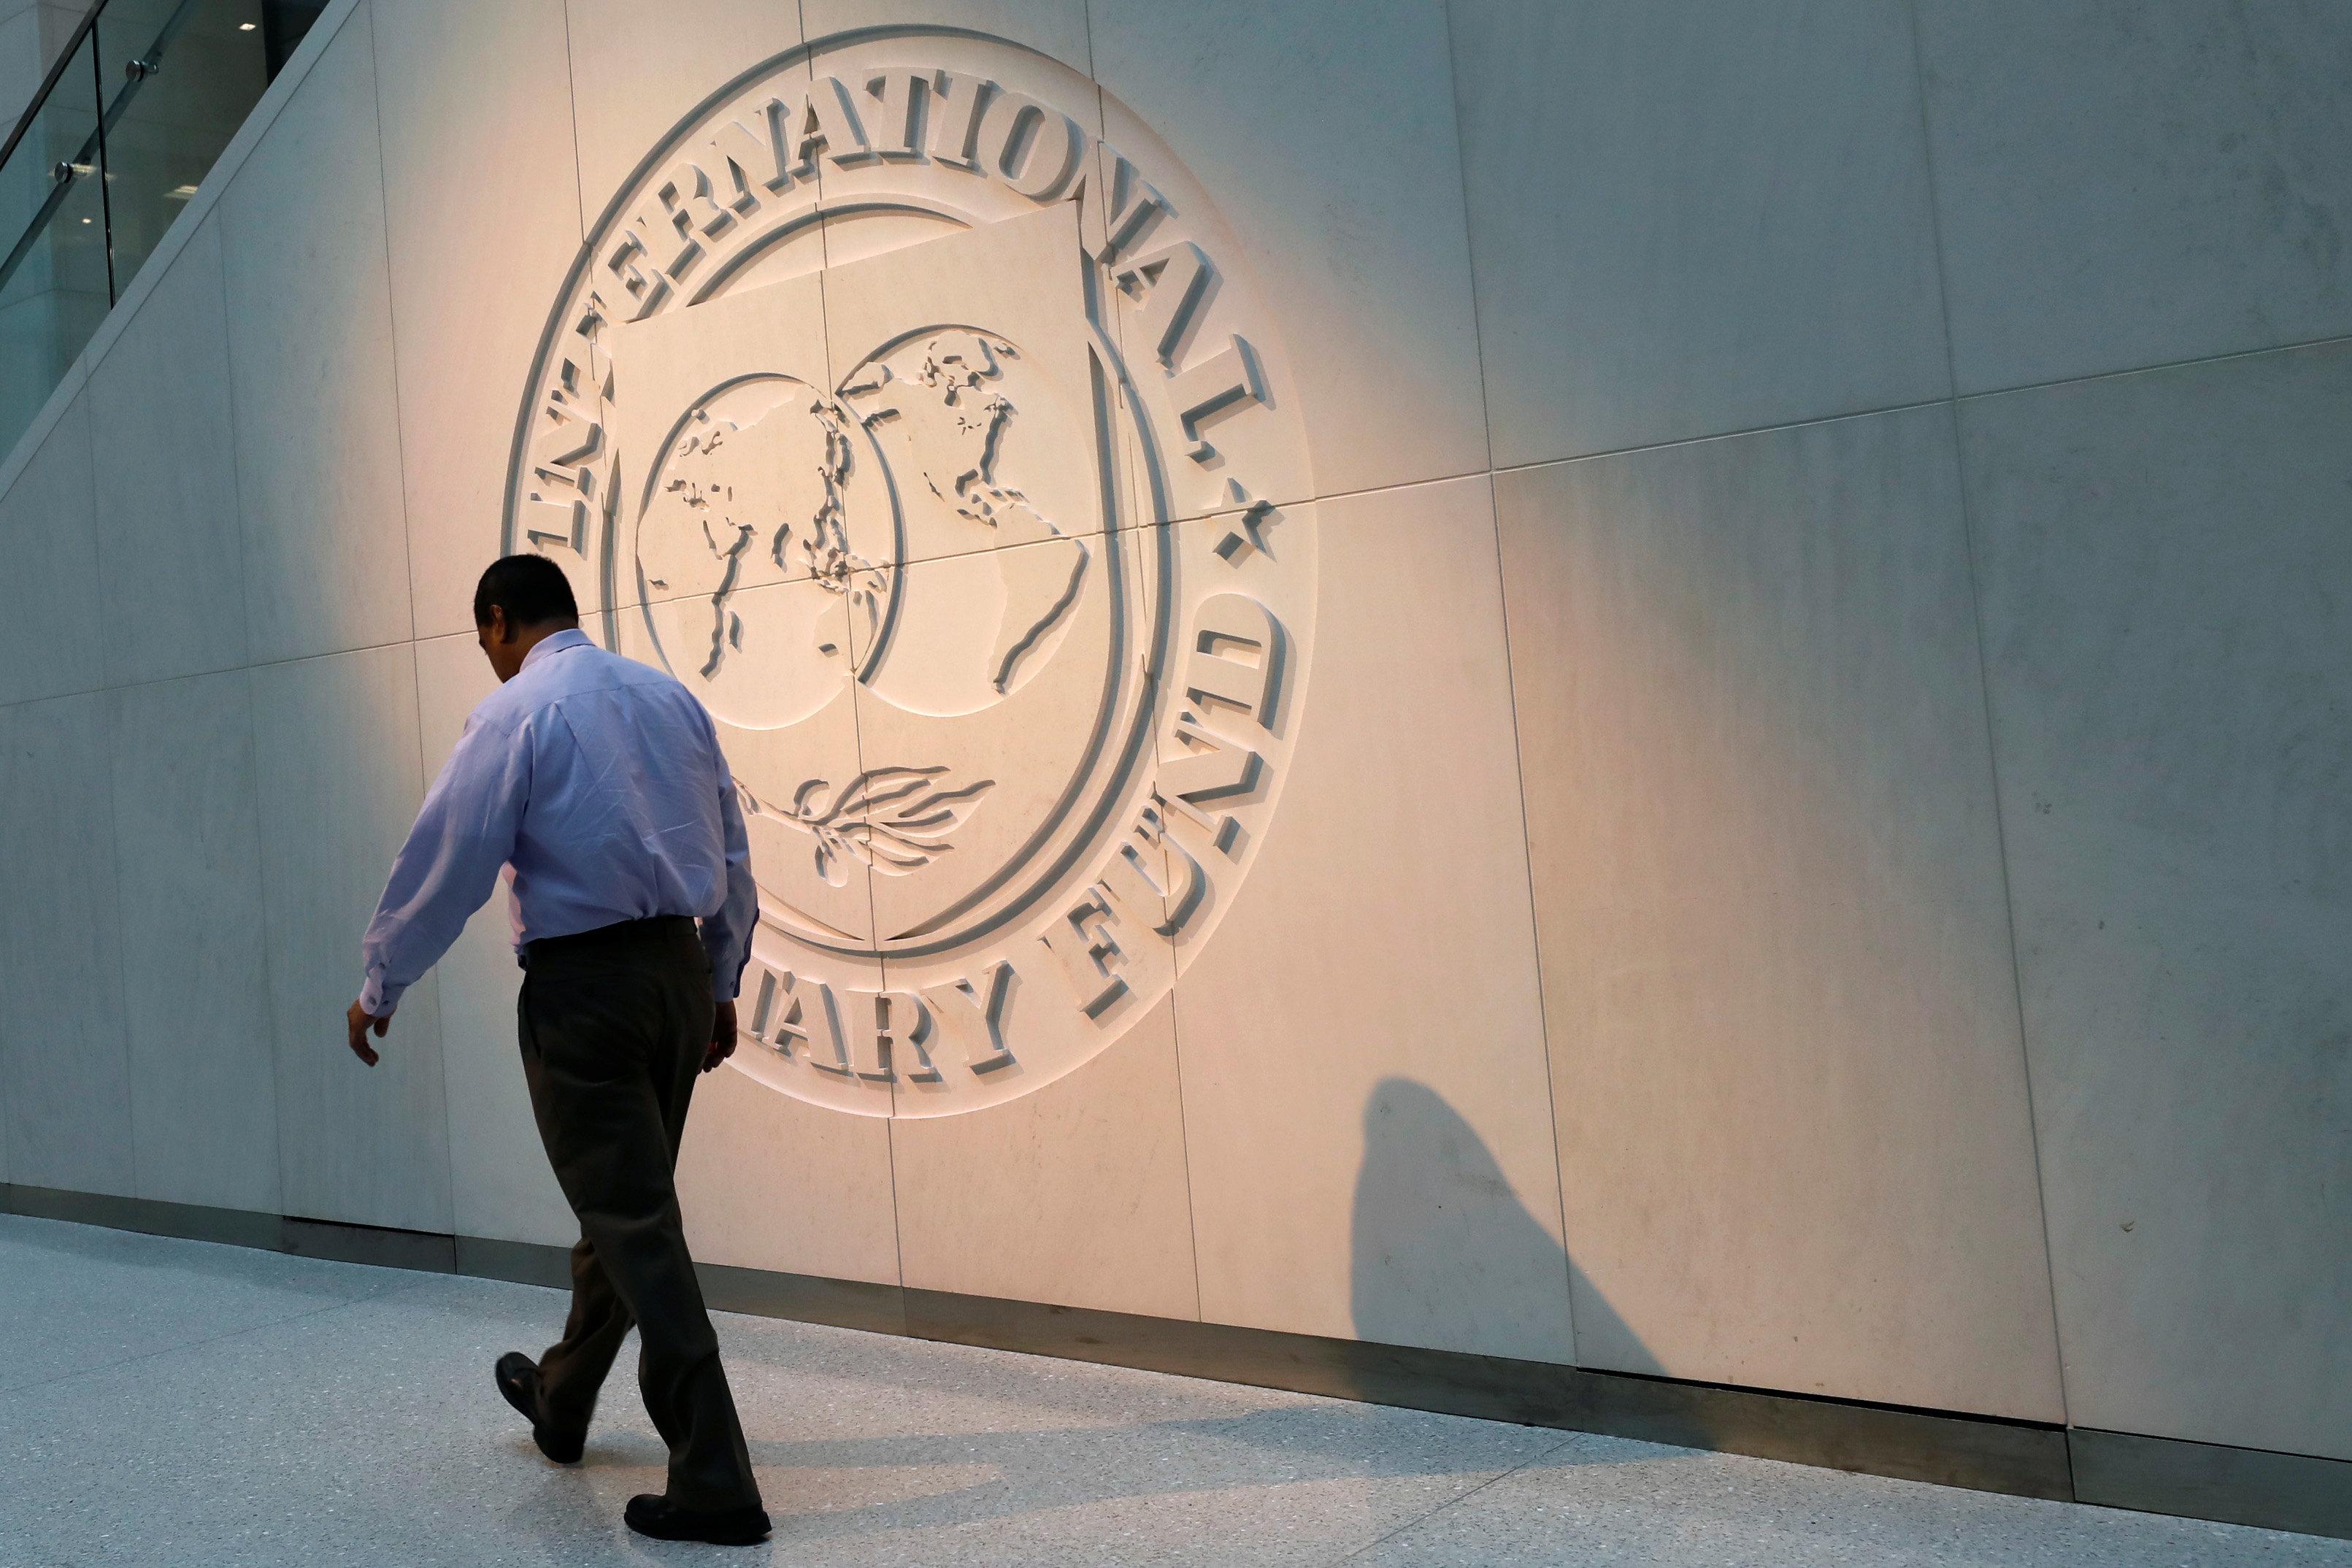 ΔΝΤ: Στο 191,3% του ΑΕΠ το χρέος το 2018, θα υποχωρήσει στο 181,8% το